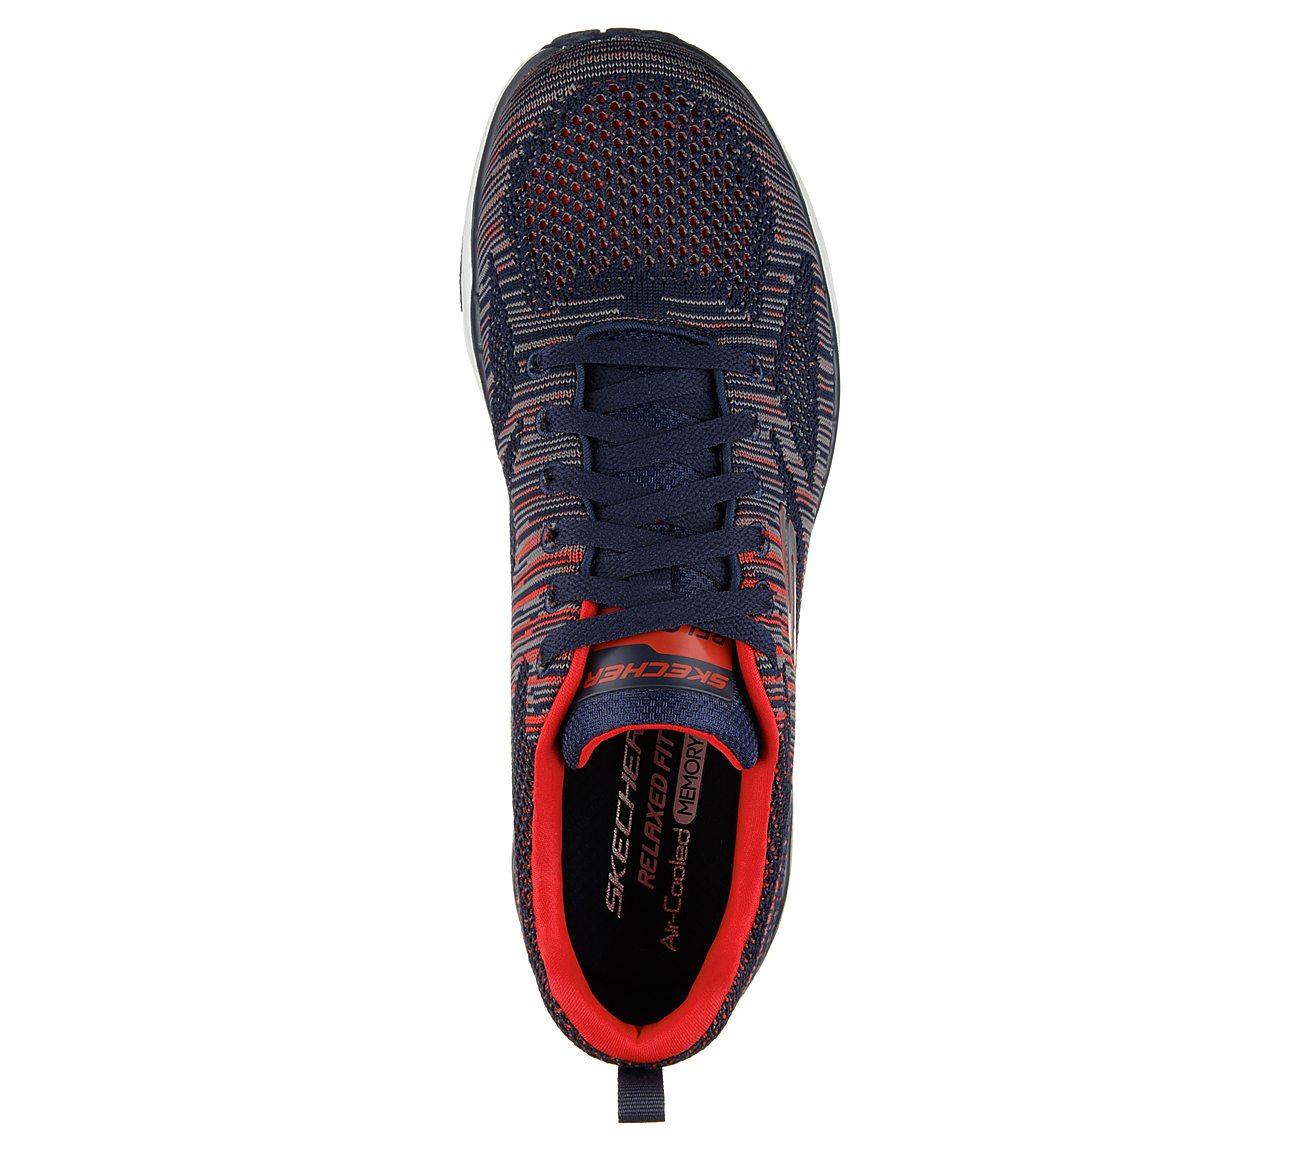 Skechers Skech air Infinity Rapid Fire Sneakers